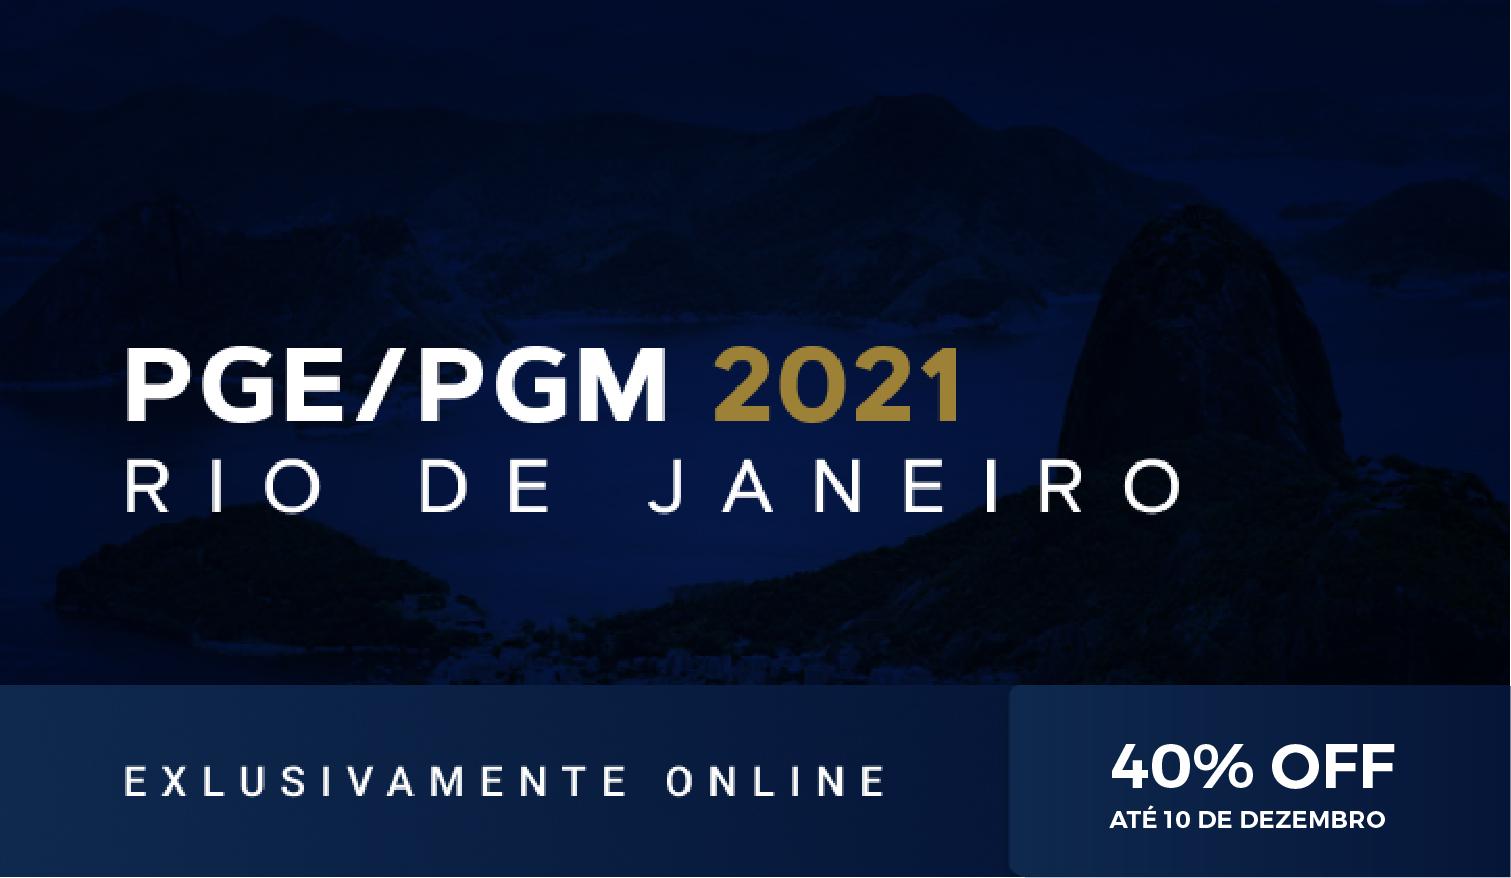 PGE/PGM RIO 2021.1